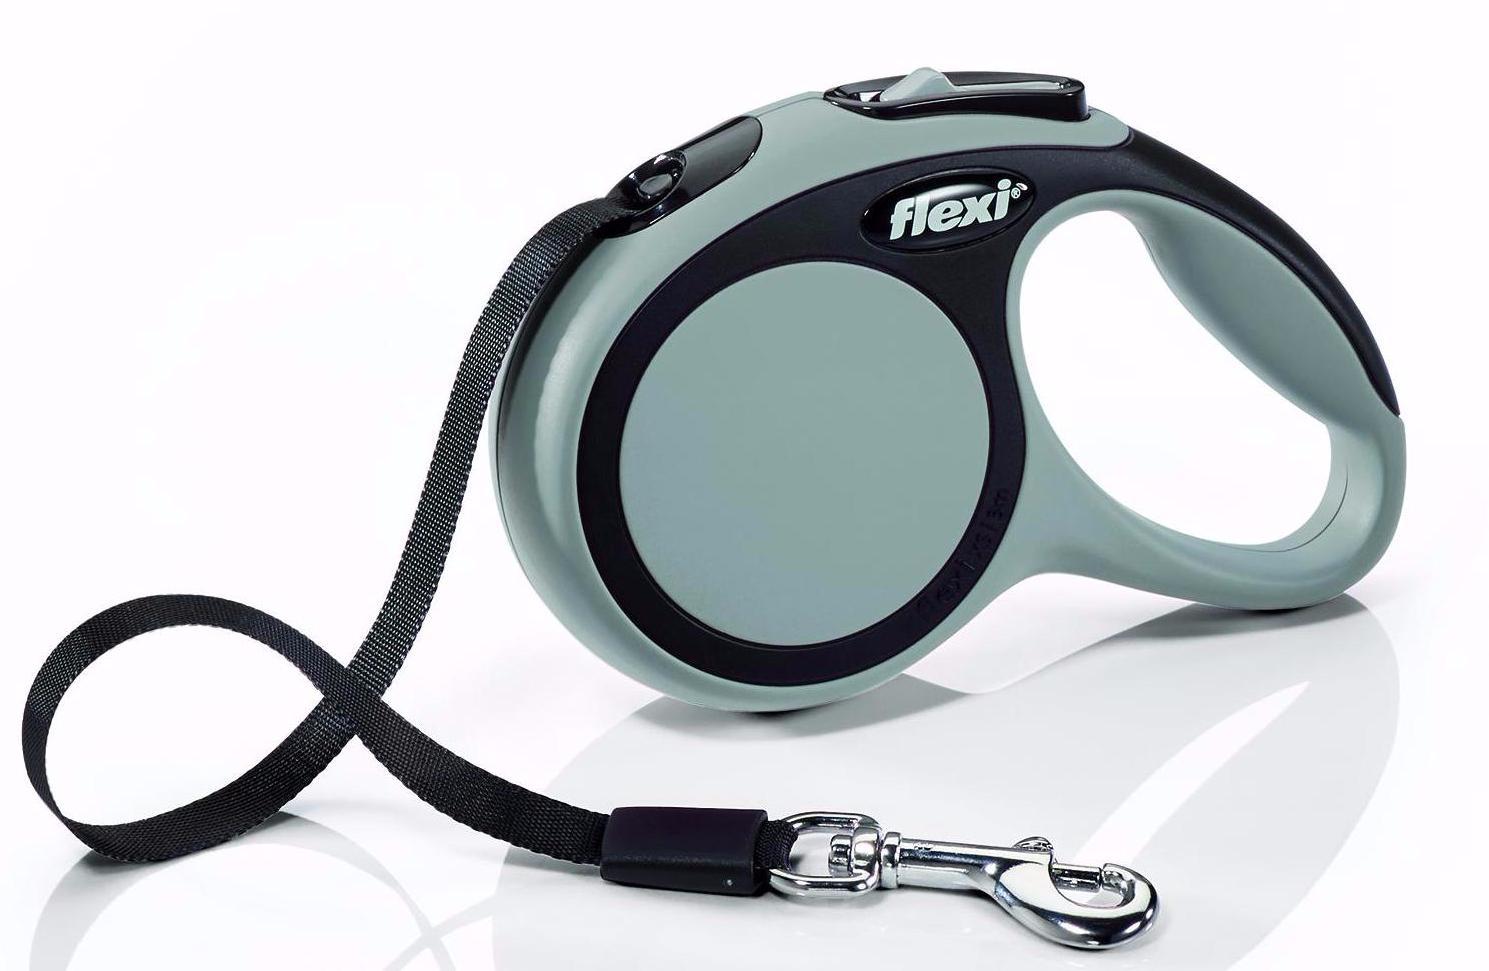 Флекси 8 м 50 кг New Comfort tape L серый (grey) Рулетка-ремень Kormberi.ru магазин товаров для ваших животных